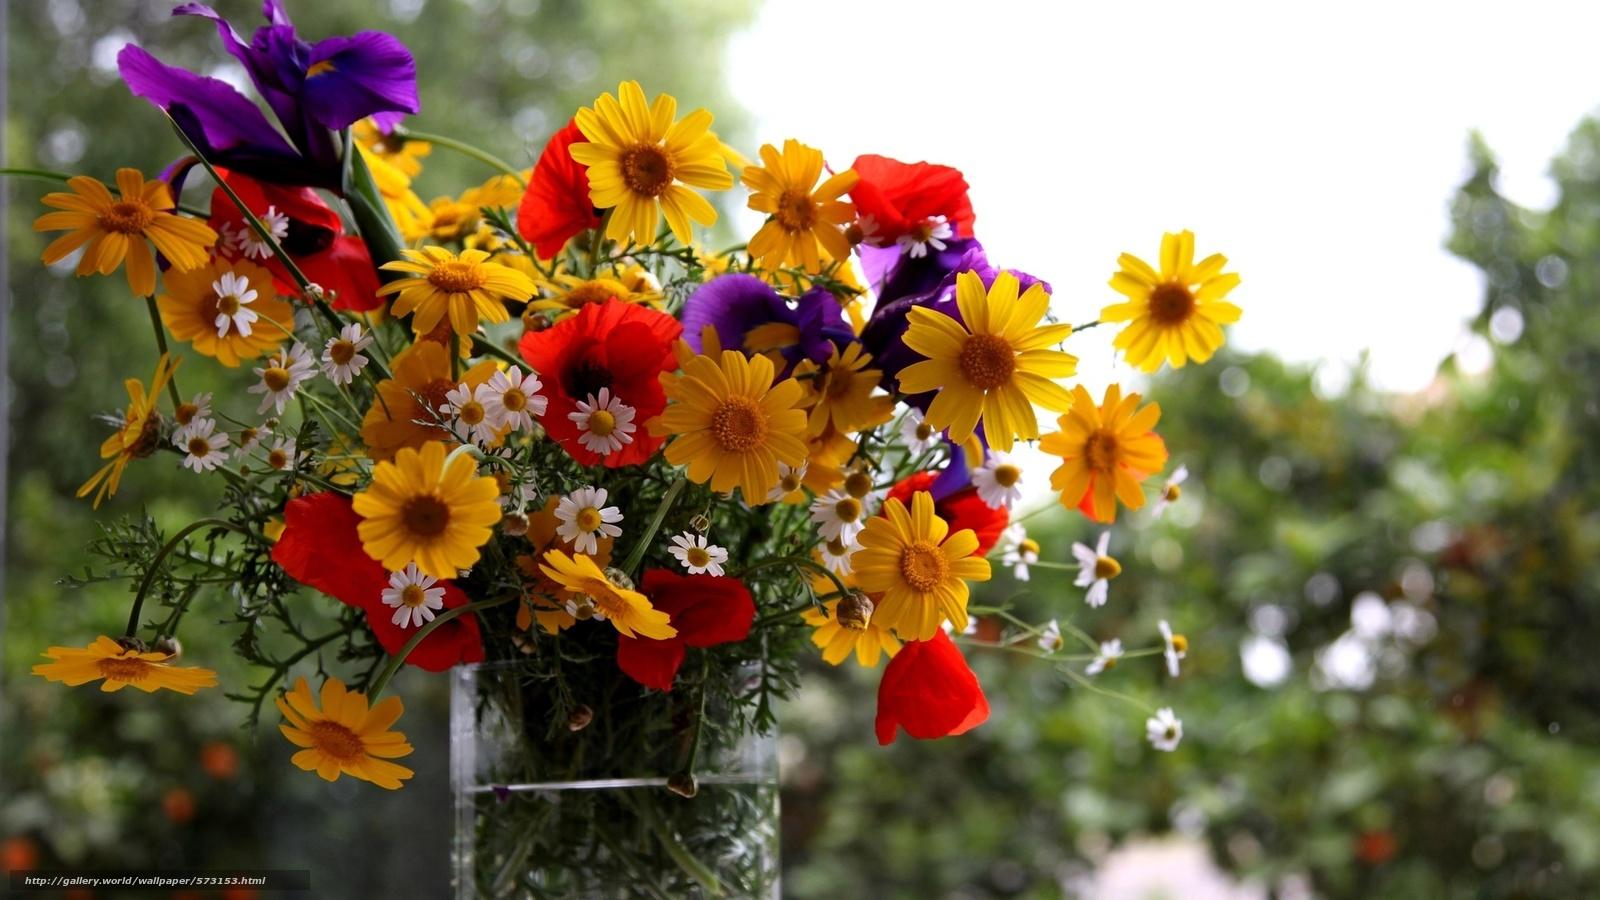 Tlcharger fond d 39 ecran vase fleurs t bouquet fonds d for Fond ecran ete fleurs